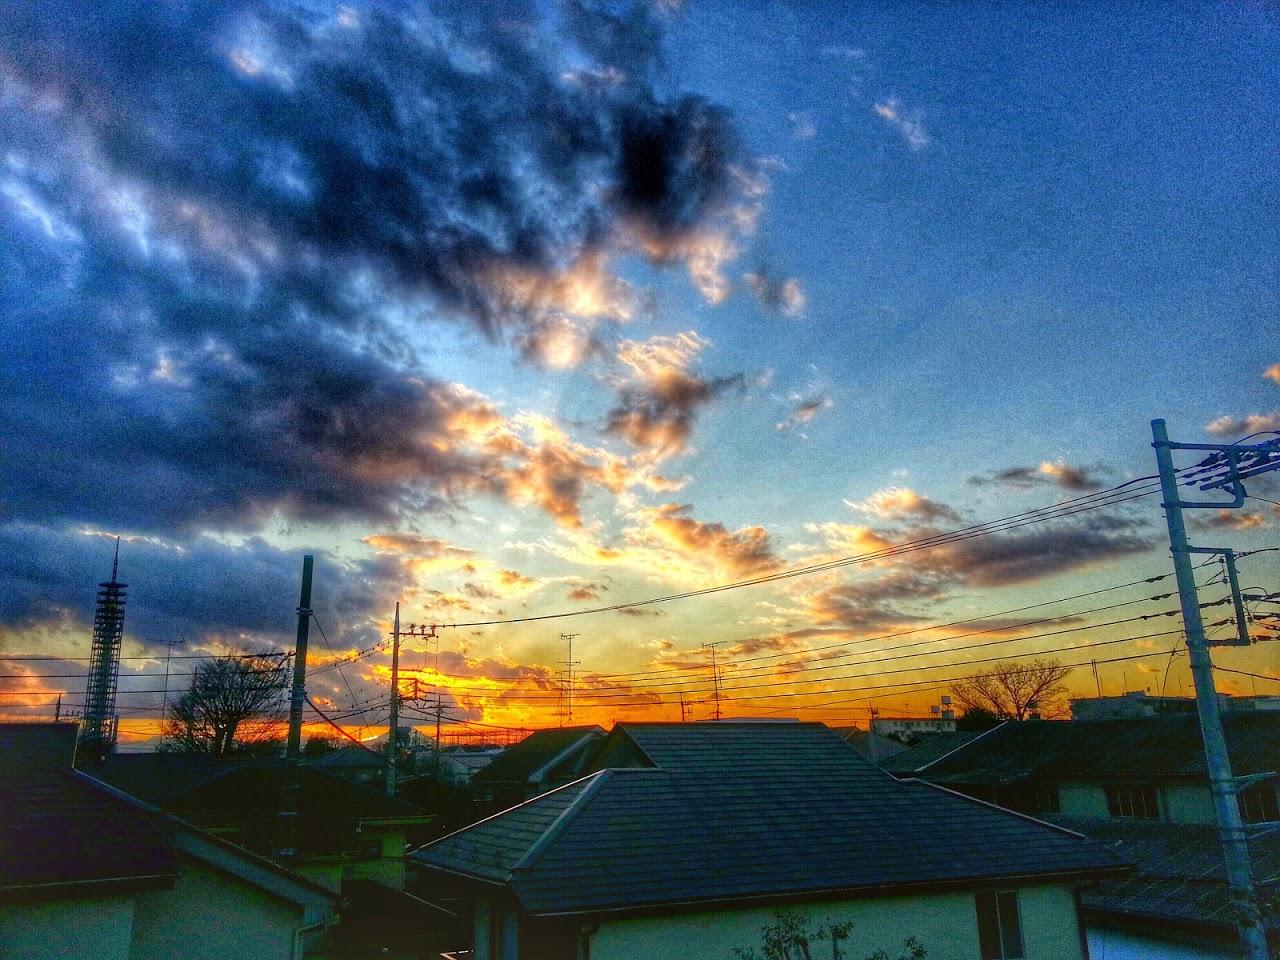 Sunrise,sunsets - Magazine cover